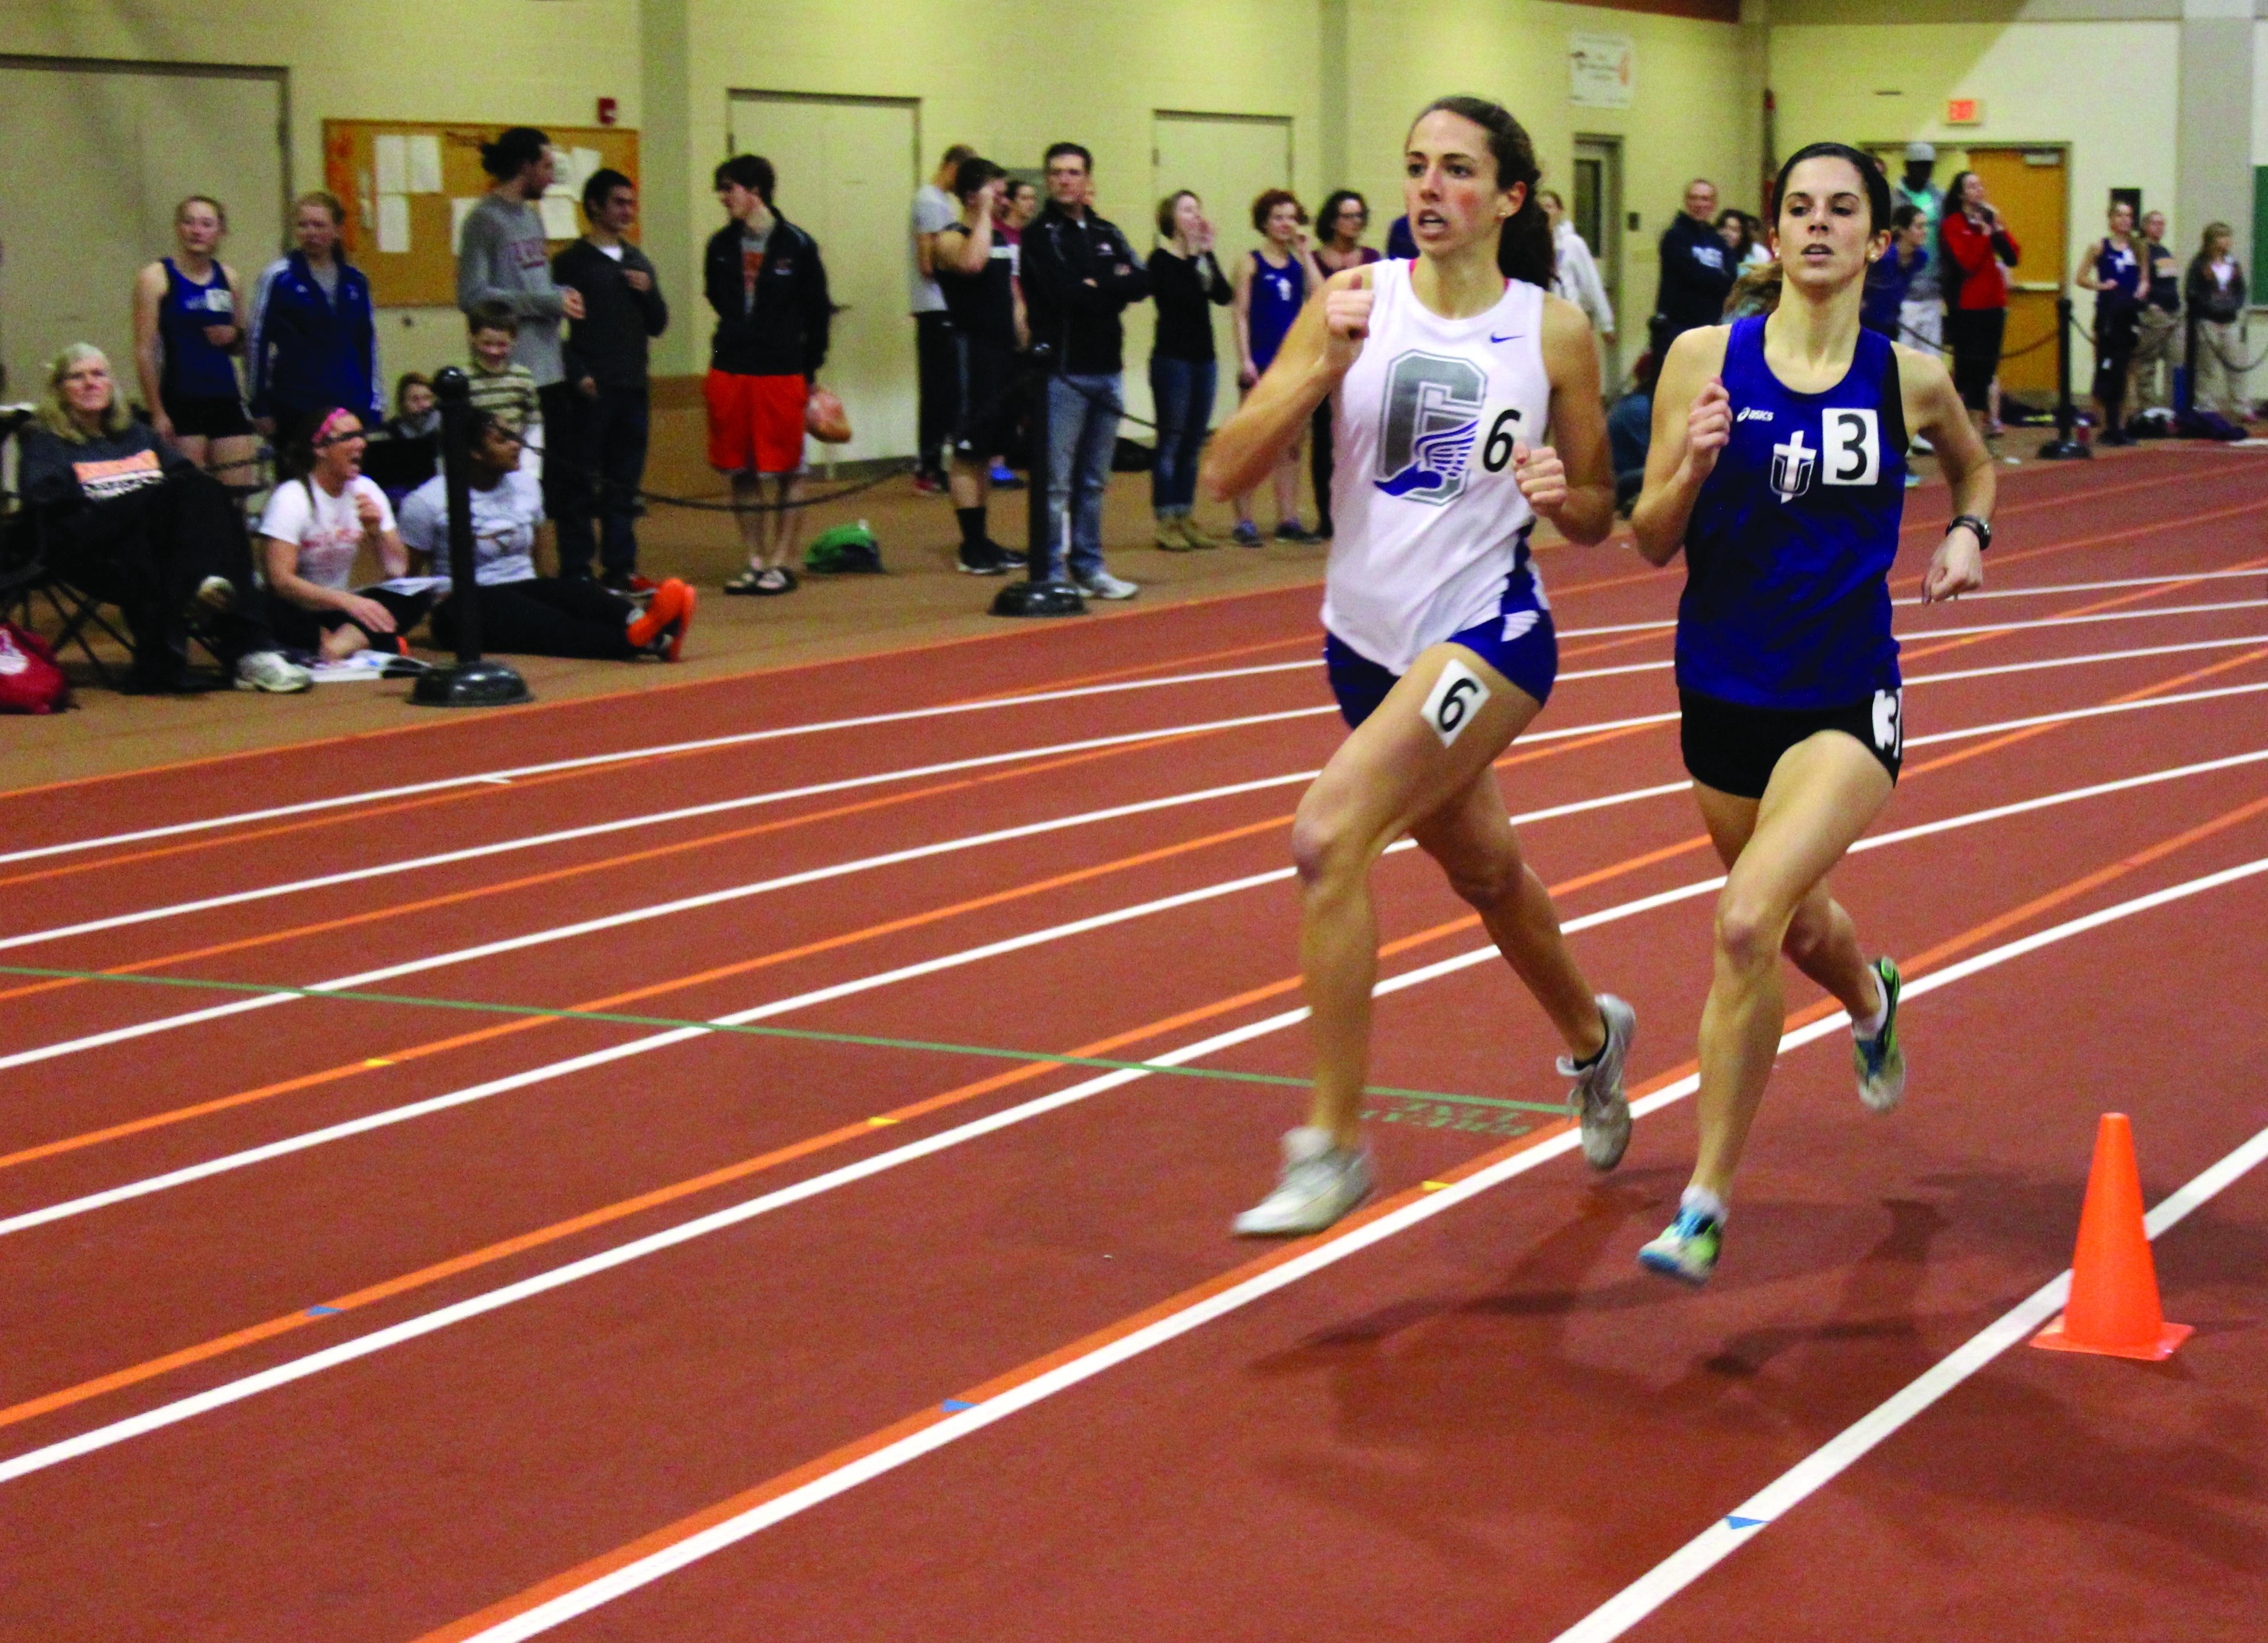 Mollie Nebel passes an opposing runner during a race at an indoor track meet